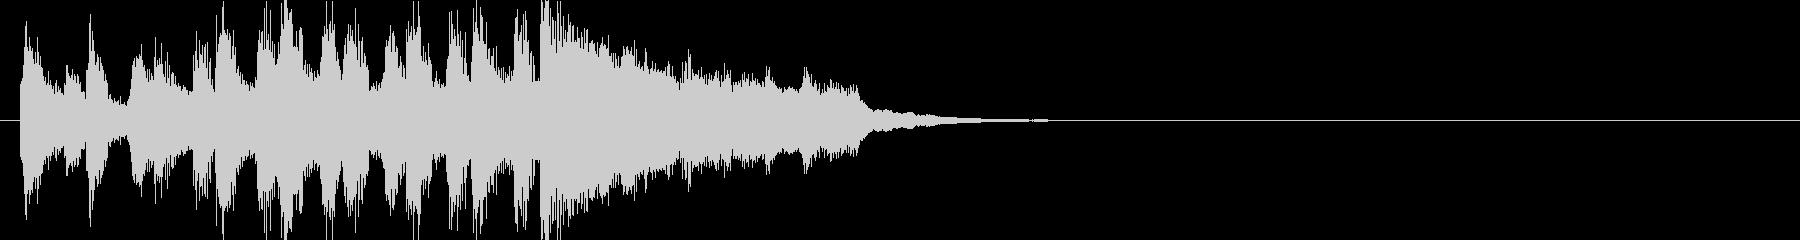 ファンファーレ 発表 イベント 表彰の未再生の波形